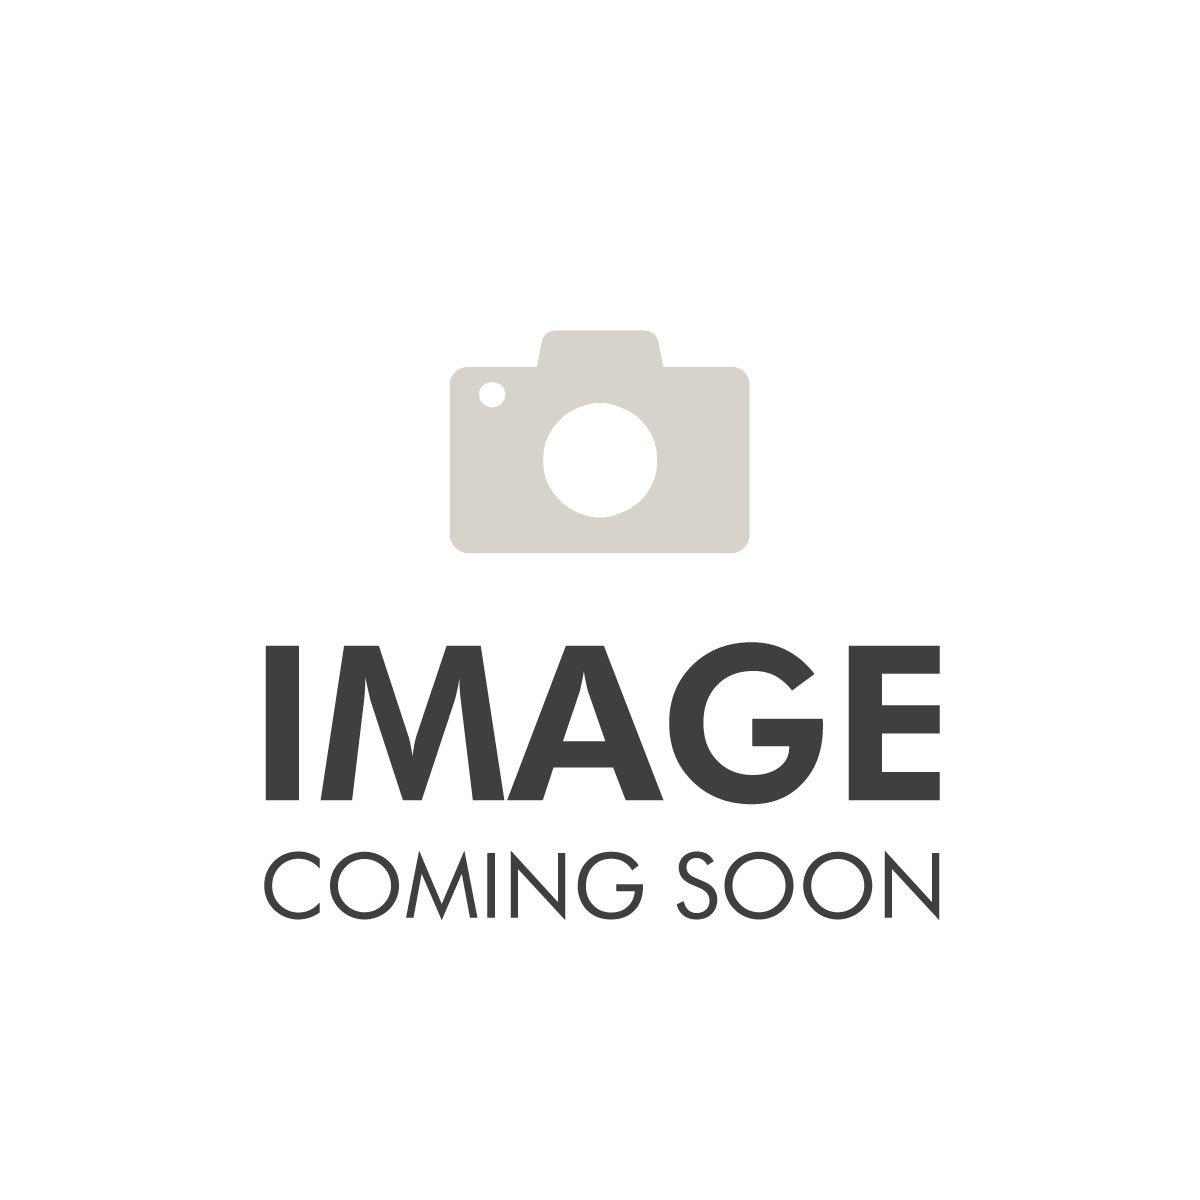 Allstar - Sabre Lamé - Women - Stainless